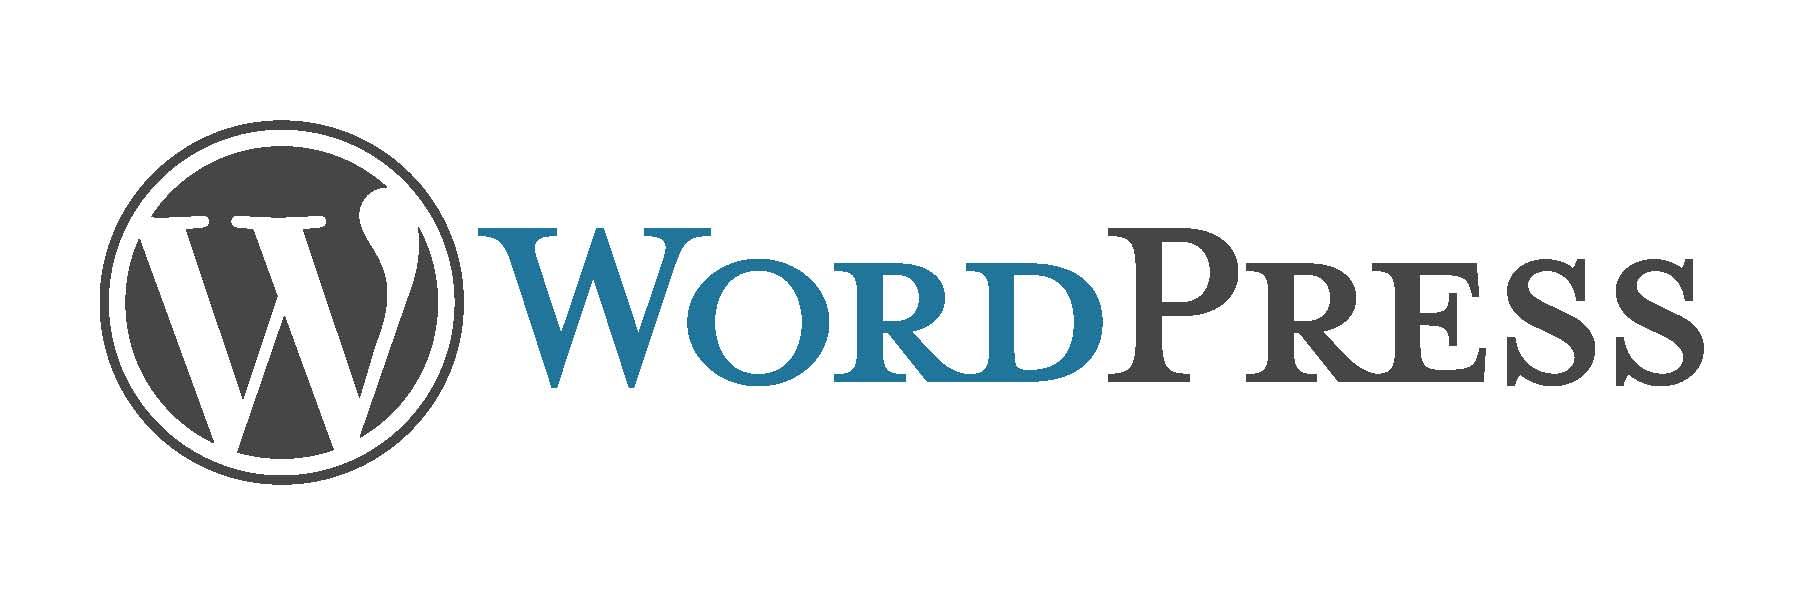 problemas-de-formatacao-de-texto-no-wordpress